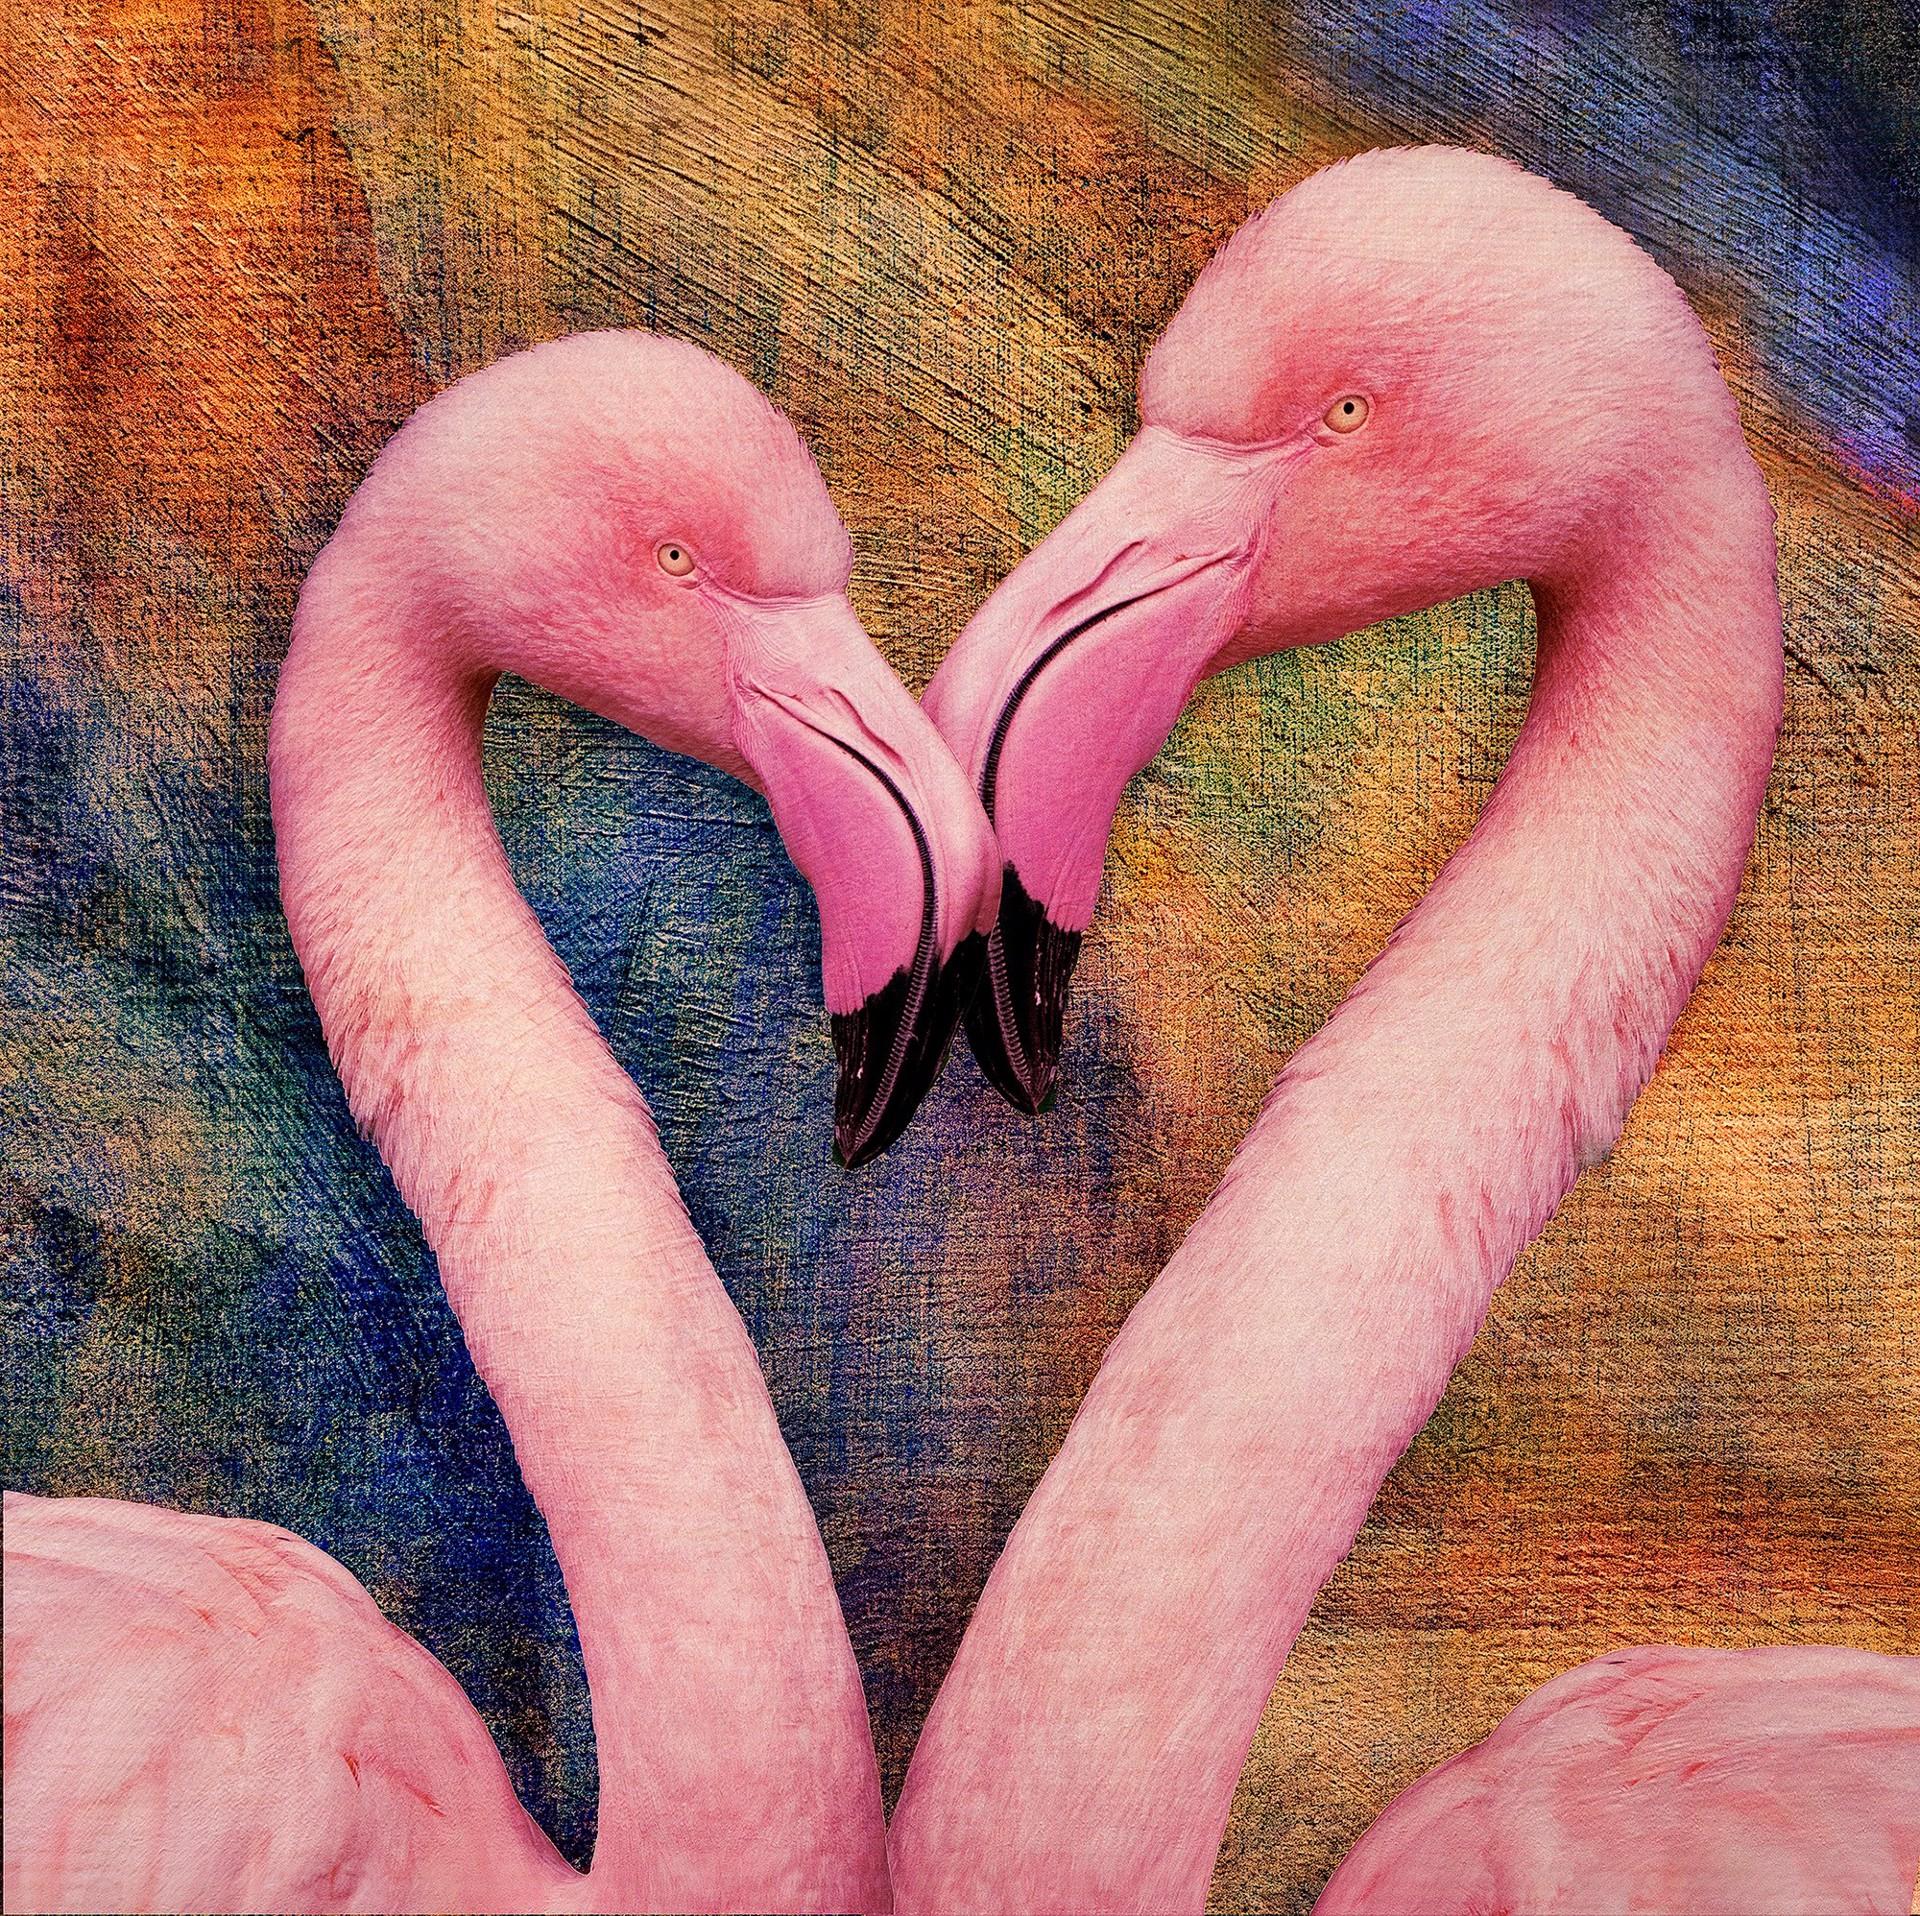 Flamingo Love by Bob Coates